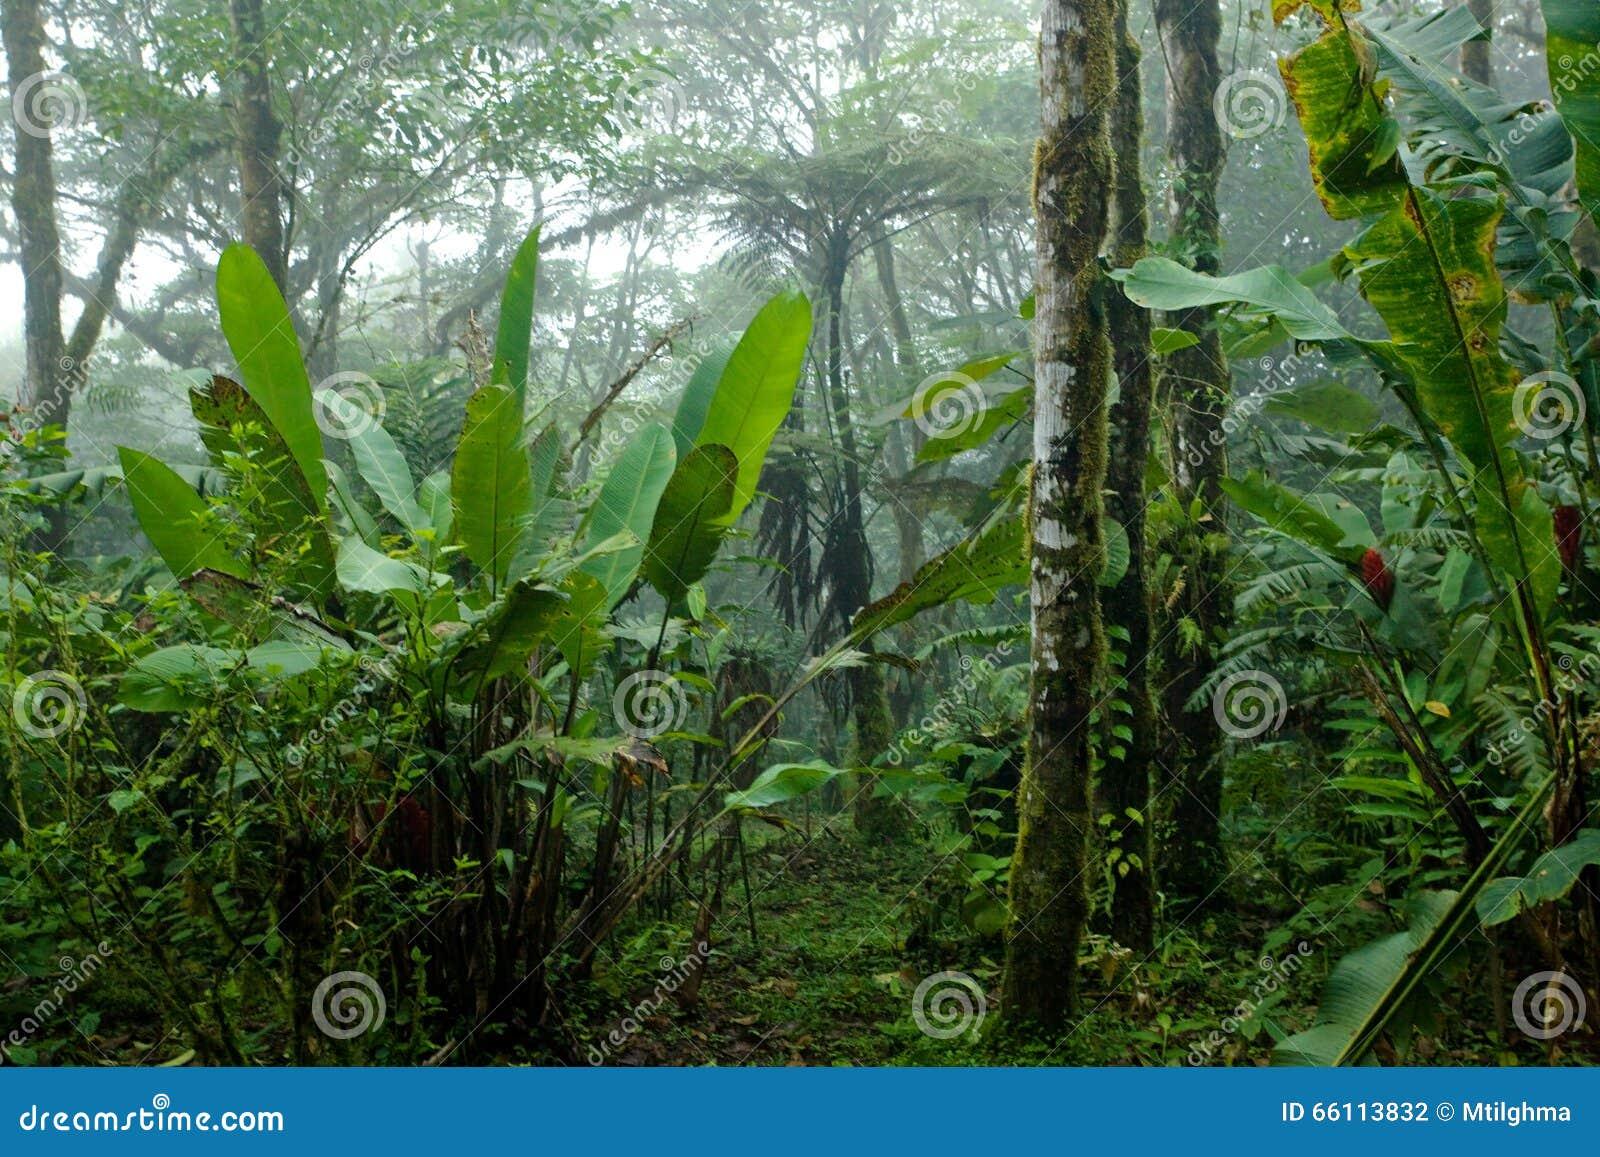 Nevelig, Dicht, Weelderig Tropisch Regenwoud in Costa Rica